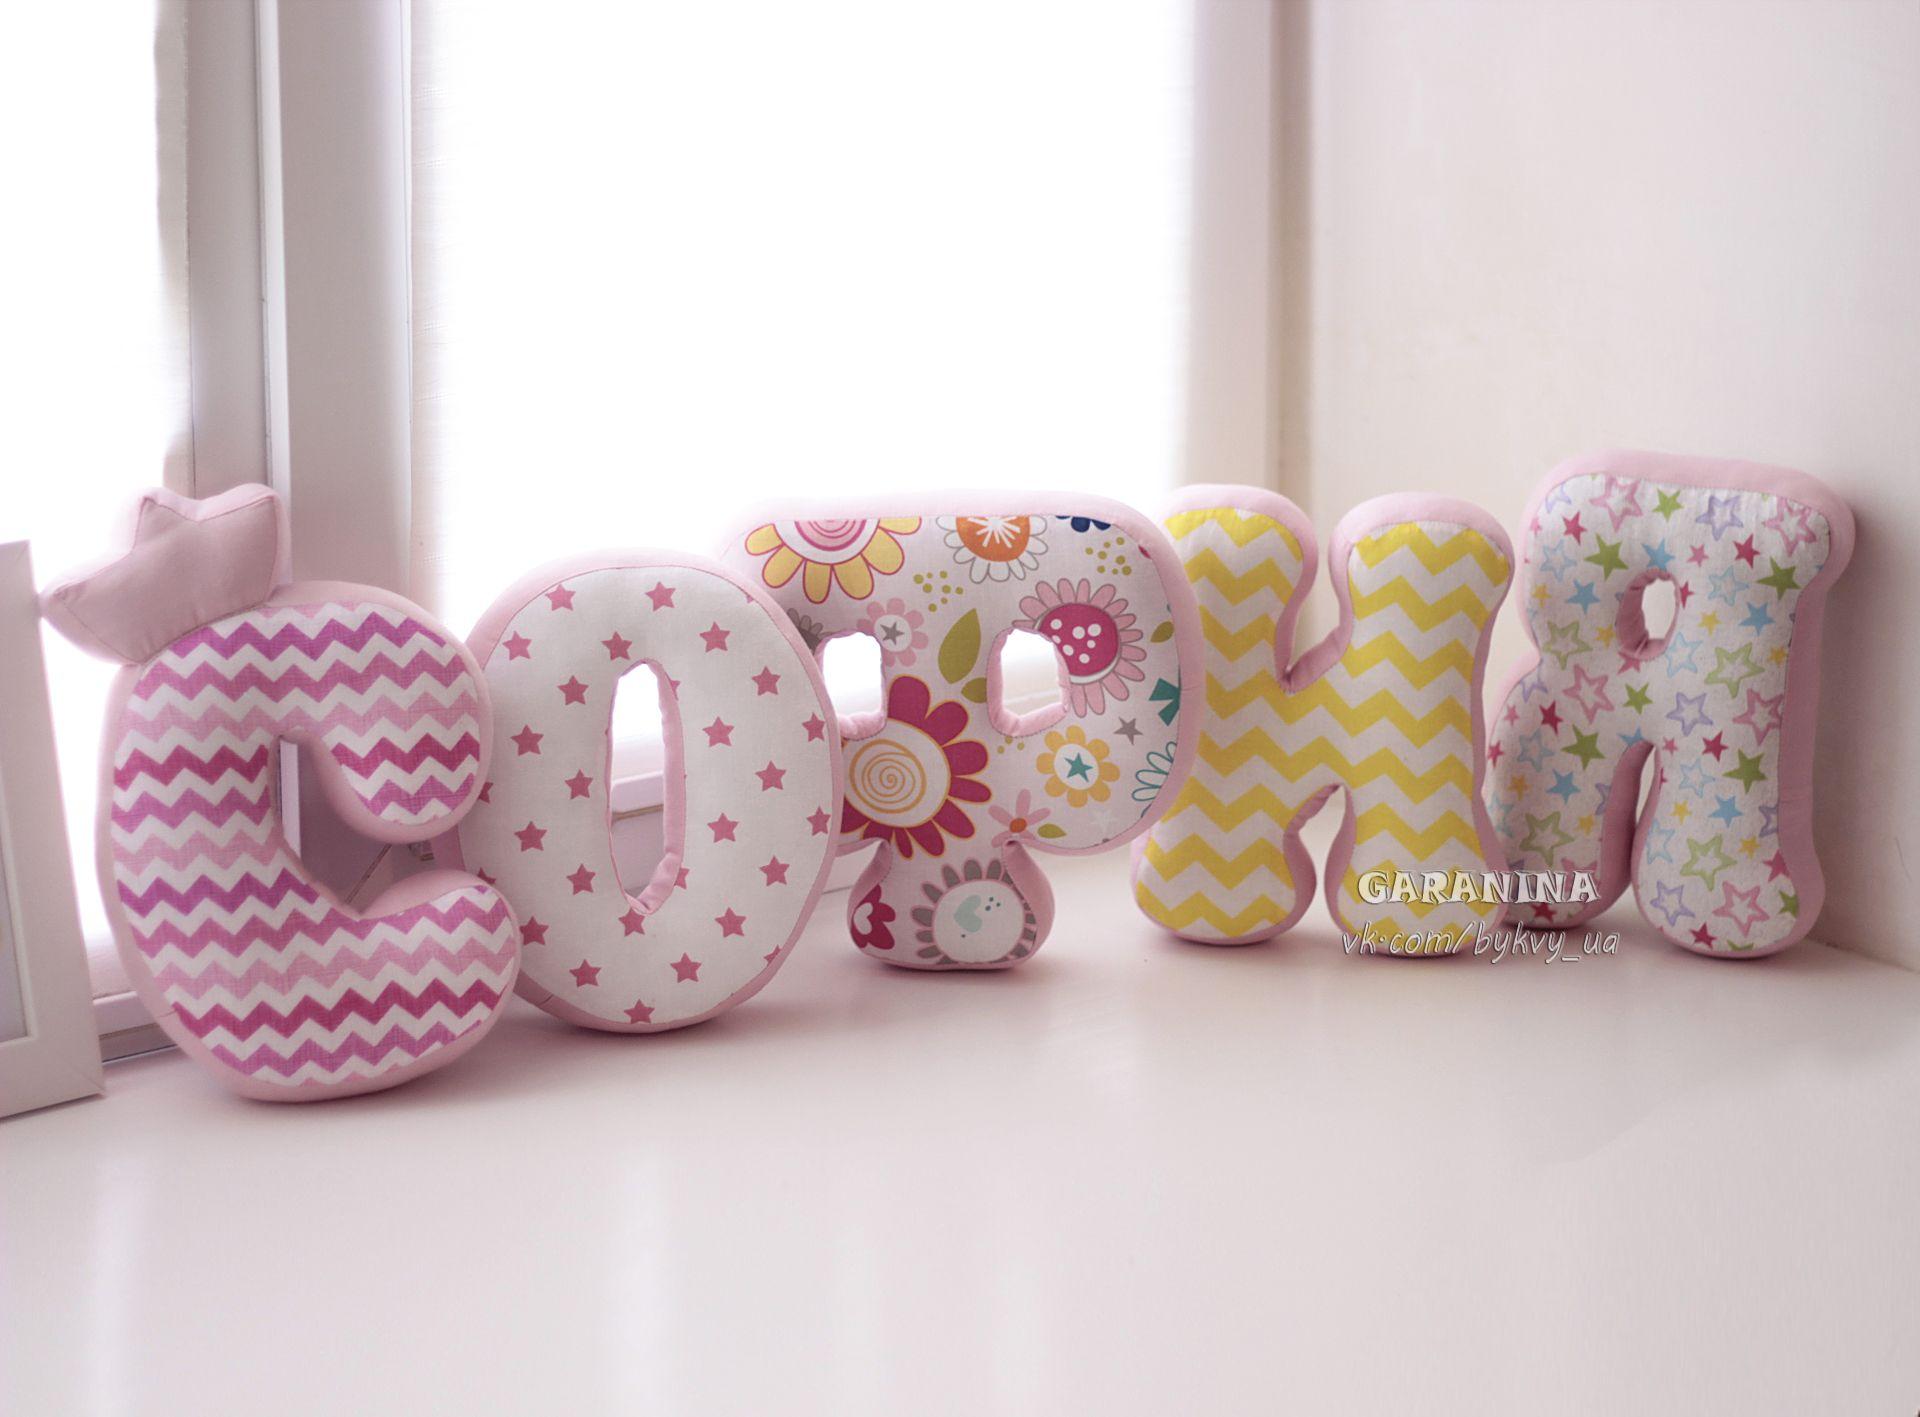 Буквы для детей мягкие своими руками фото 267